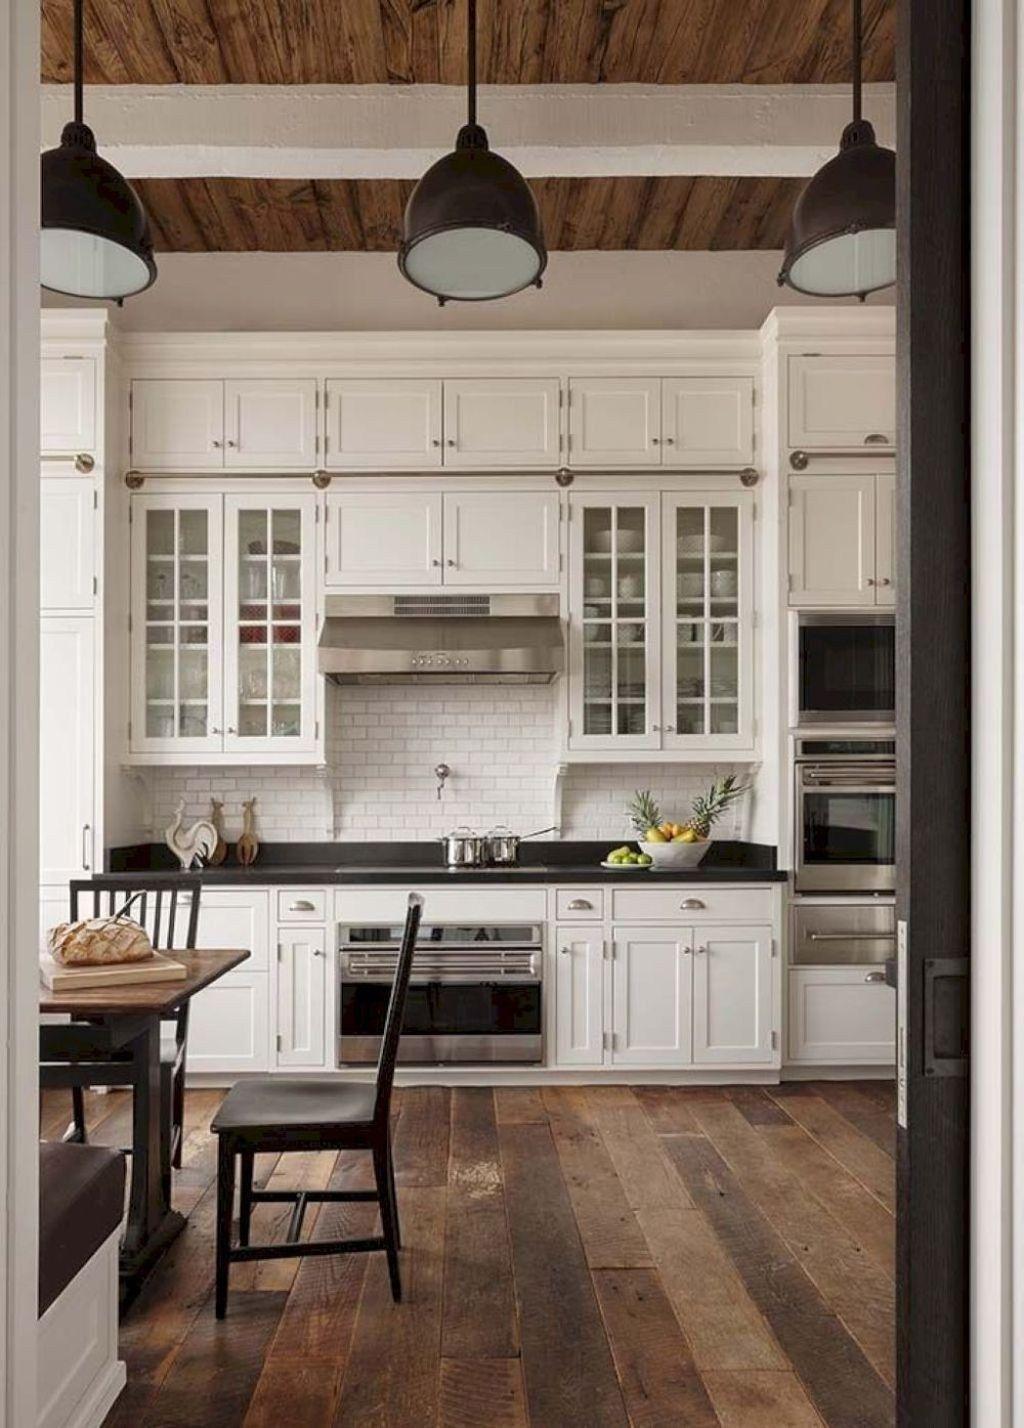 The best rustic kitchen design ideas kitchens pinterest